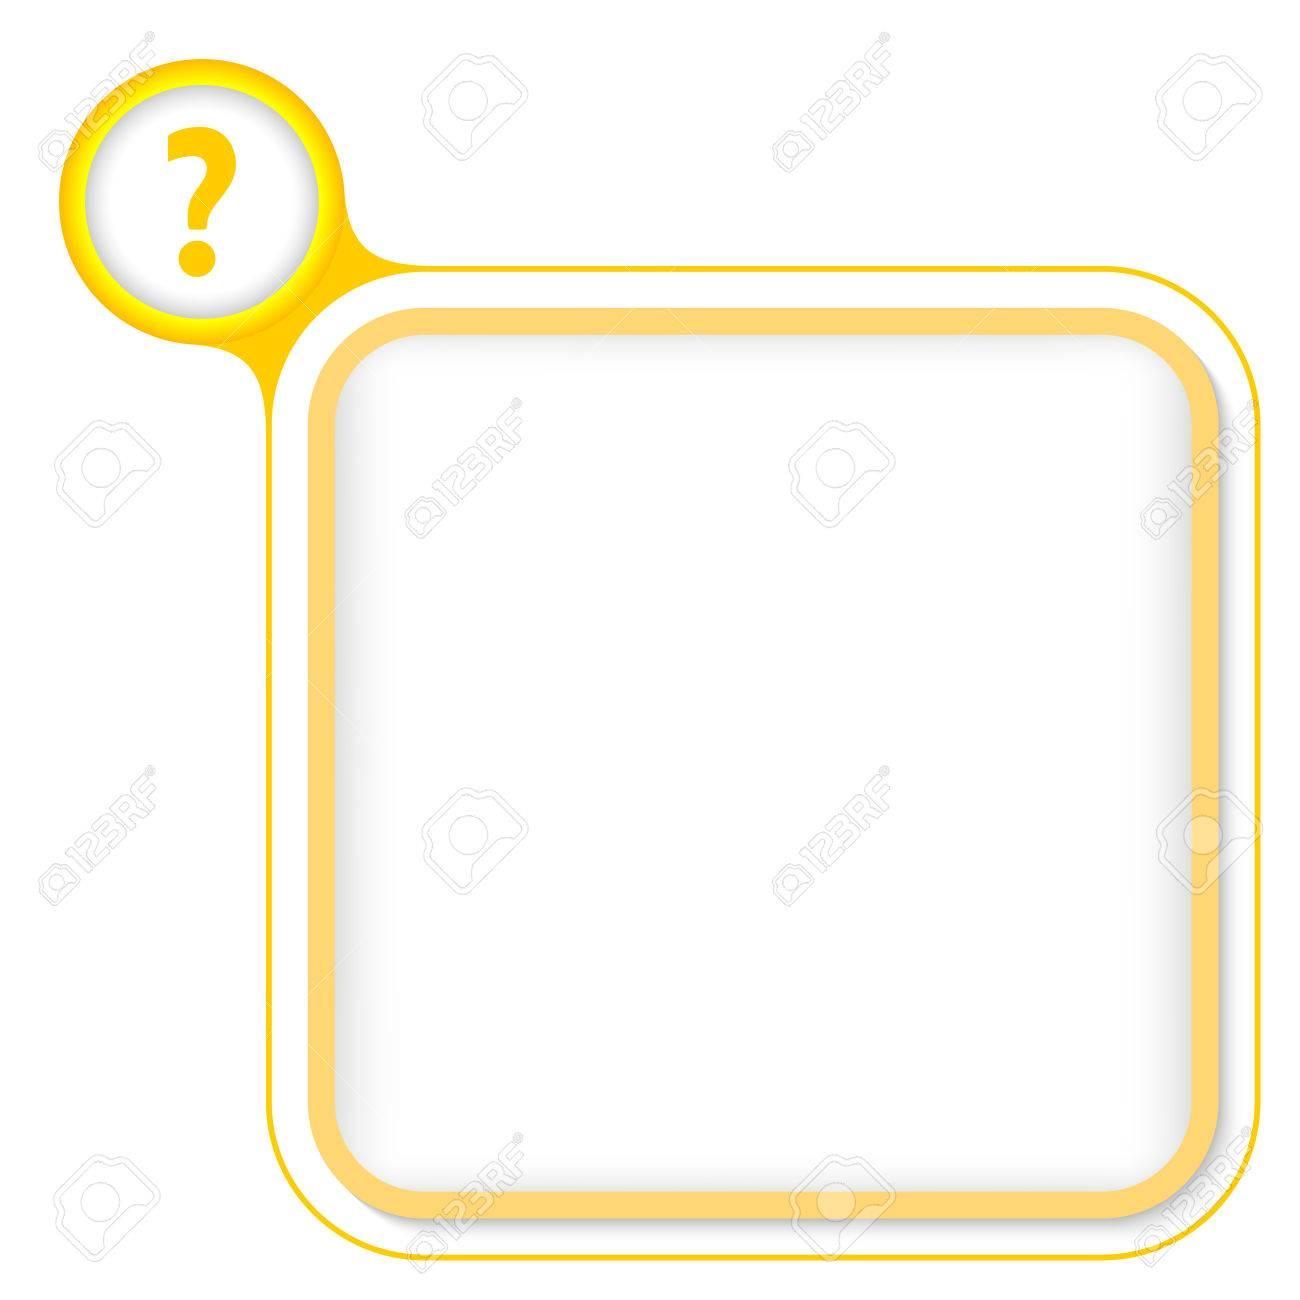 Gelber Rahmen Für Ihren Text Und Fragezeichen Lizenzfrei Nutzbare ...